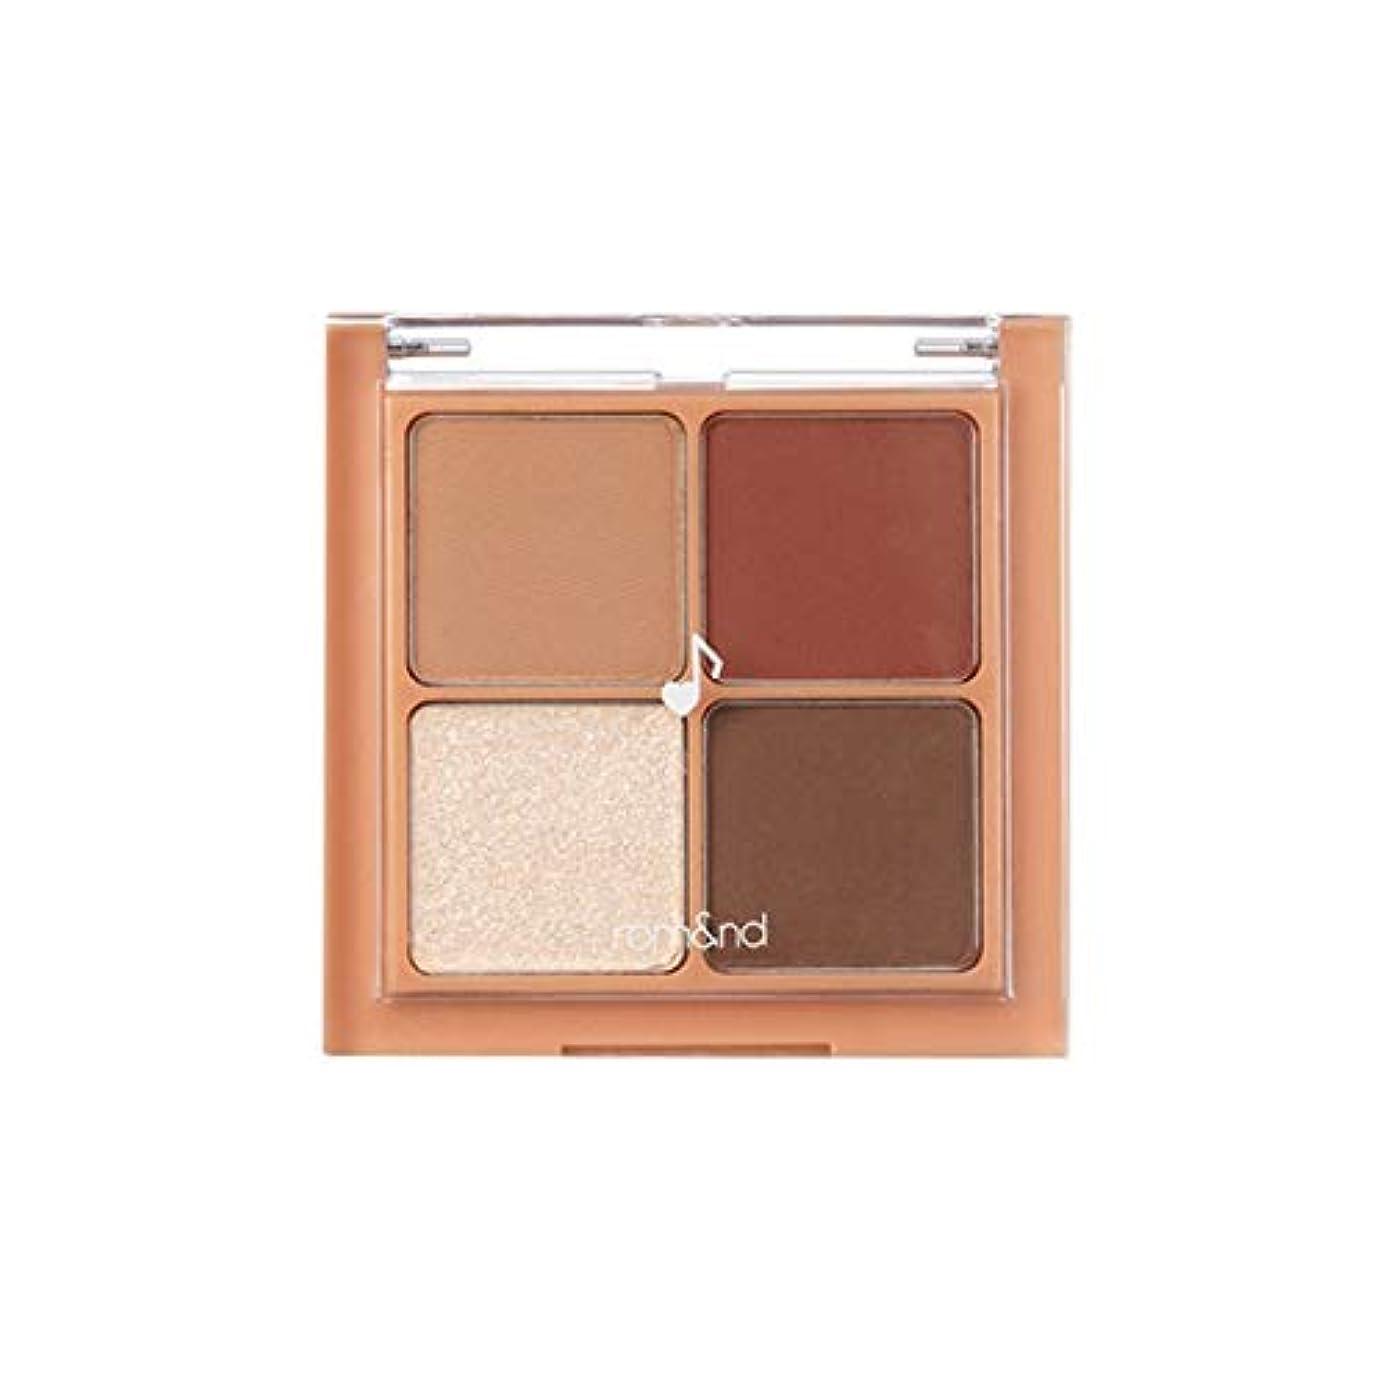 確認する顧問清めるrom&nd BETTER THAN EYES Eyeshadow Palette 4色のアイシャドウパレット # M1 DRY apple blossom(並行輸入品)